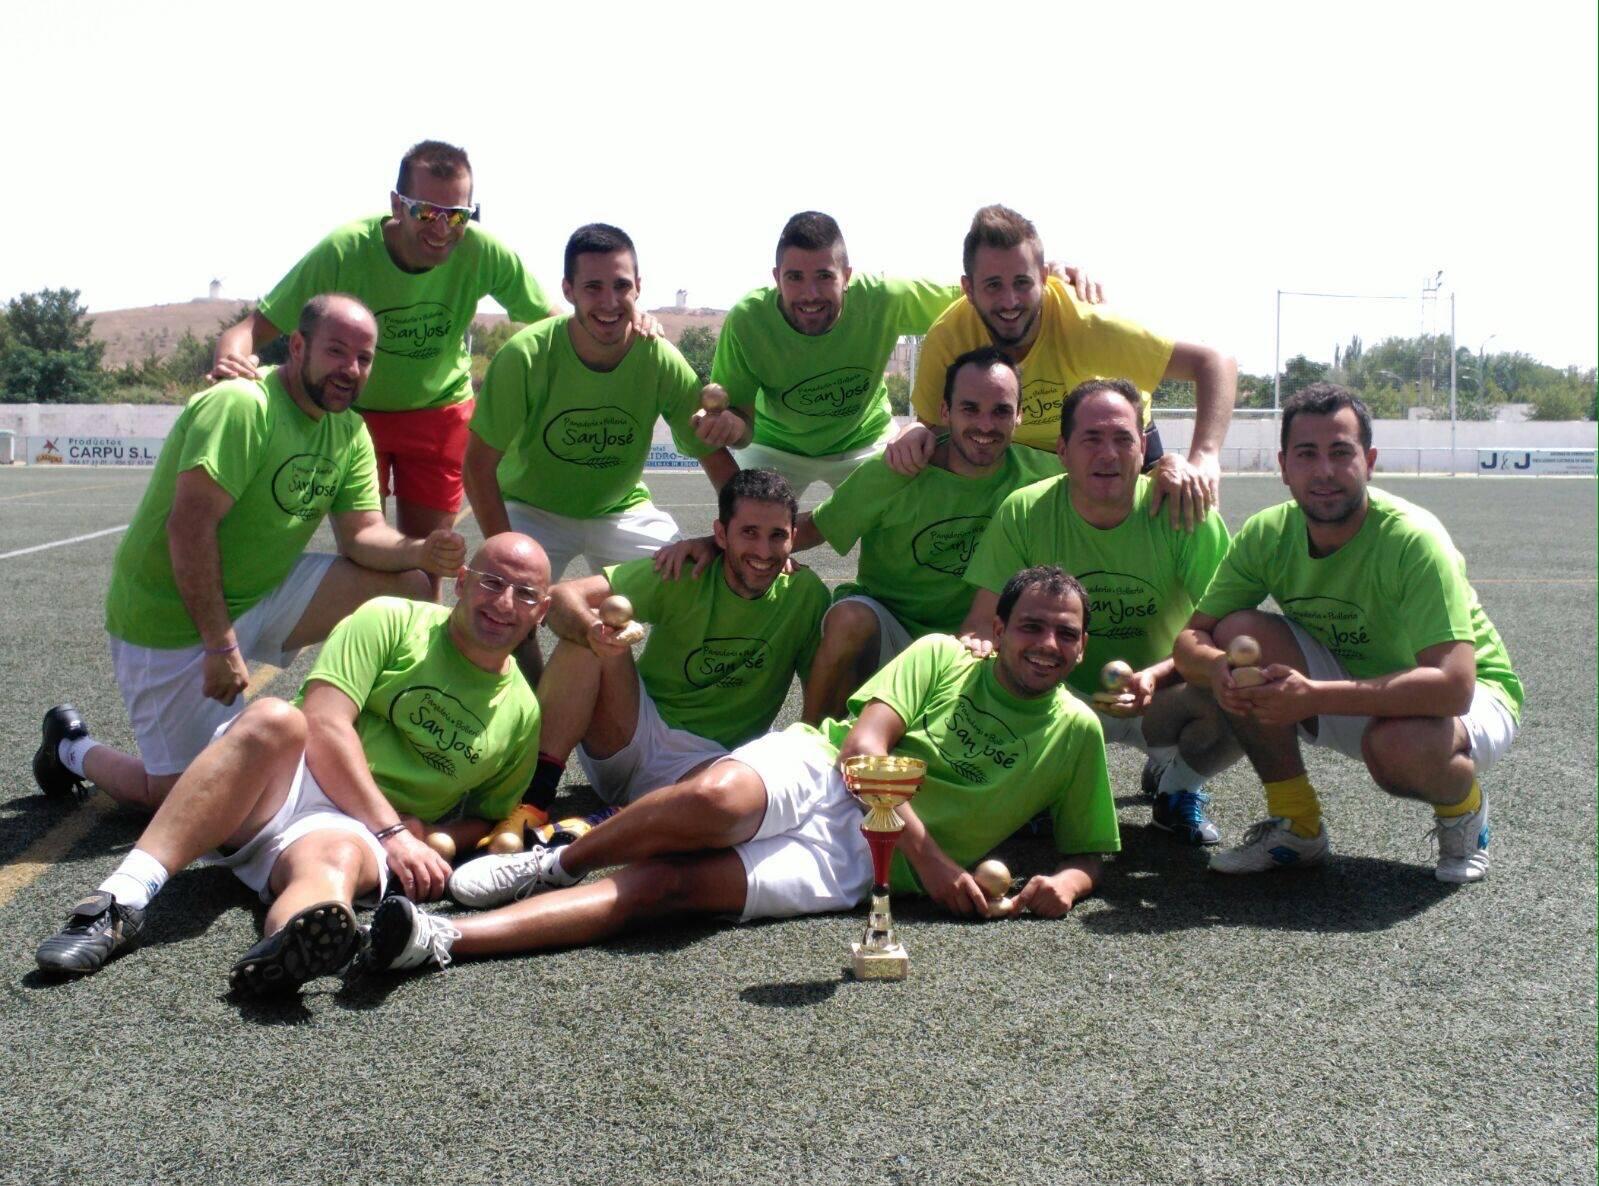 los pitorra futbol 7 - Los Pitorra campeones de la primera liga local de fútbol 7